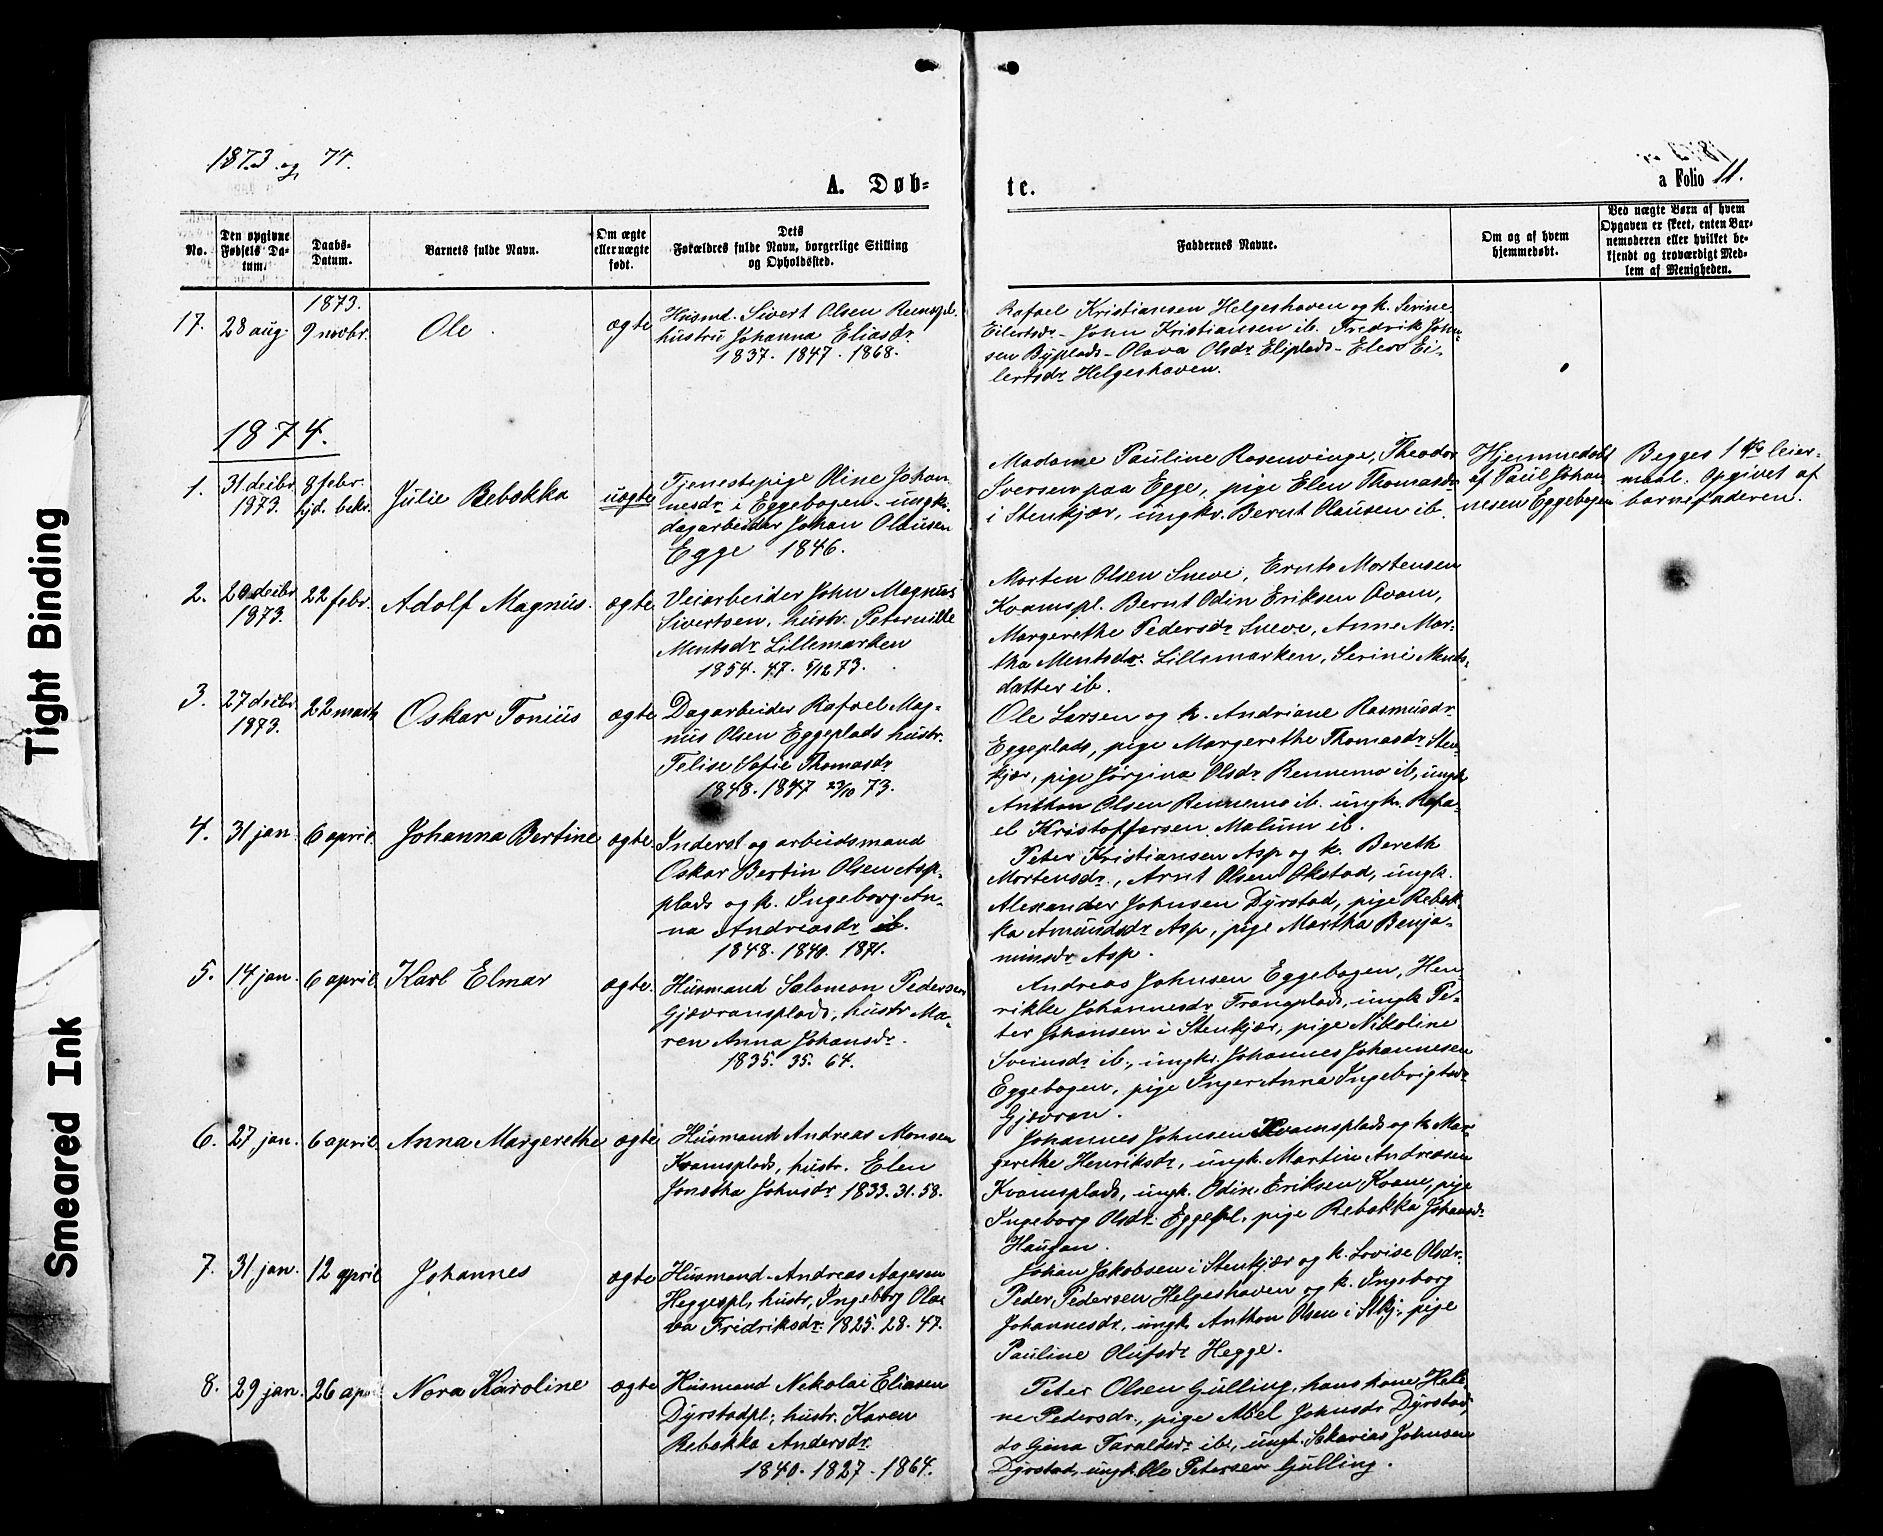 SAT, Ministerialprotokoller, klokkerbøker og fødselsregistre - Nord-Trøndelag, 740/L0380: Klokkerbok nr. 740C01, 1868-1902, s. 11